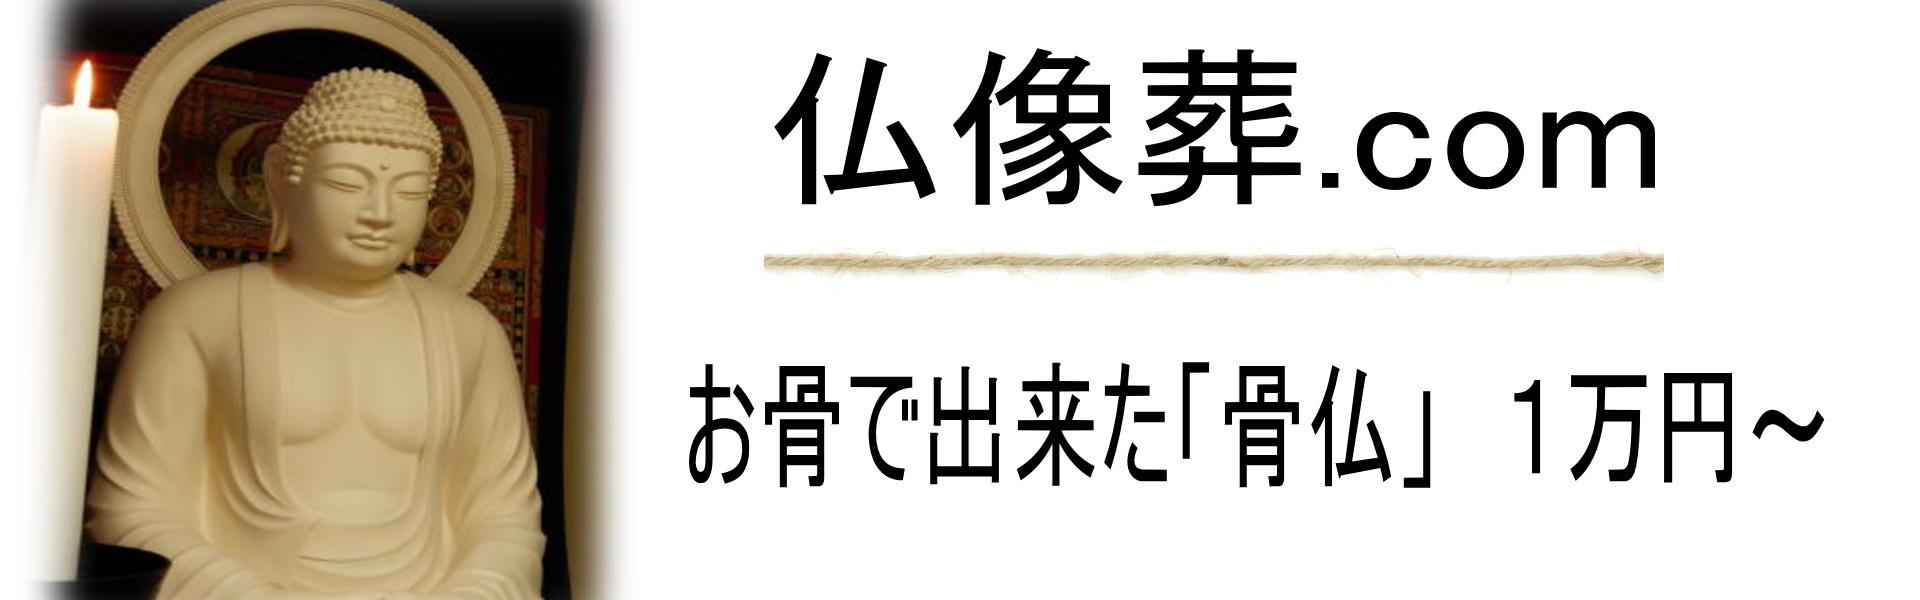 仏像葬.com